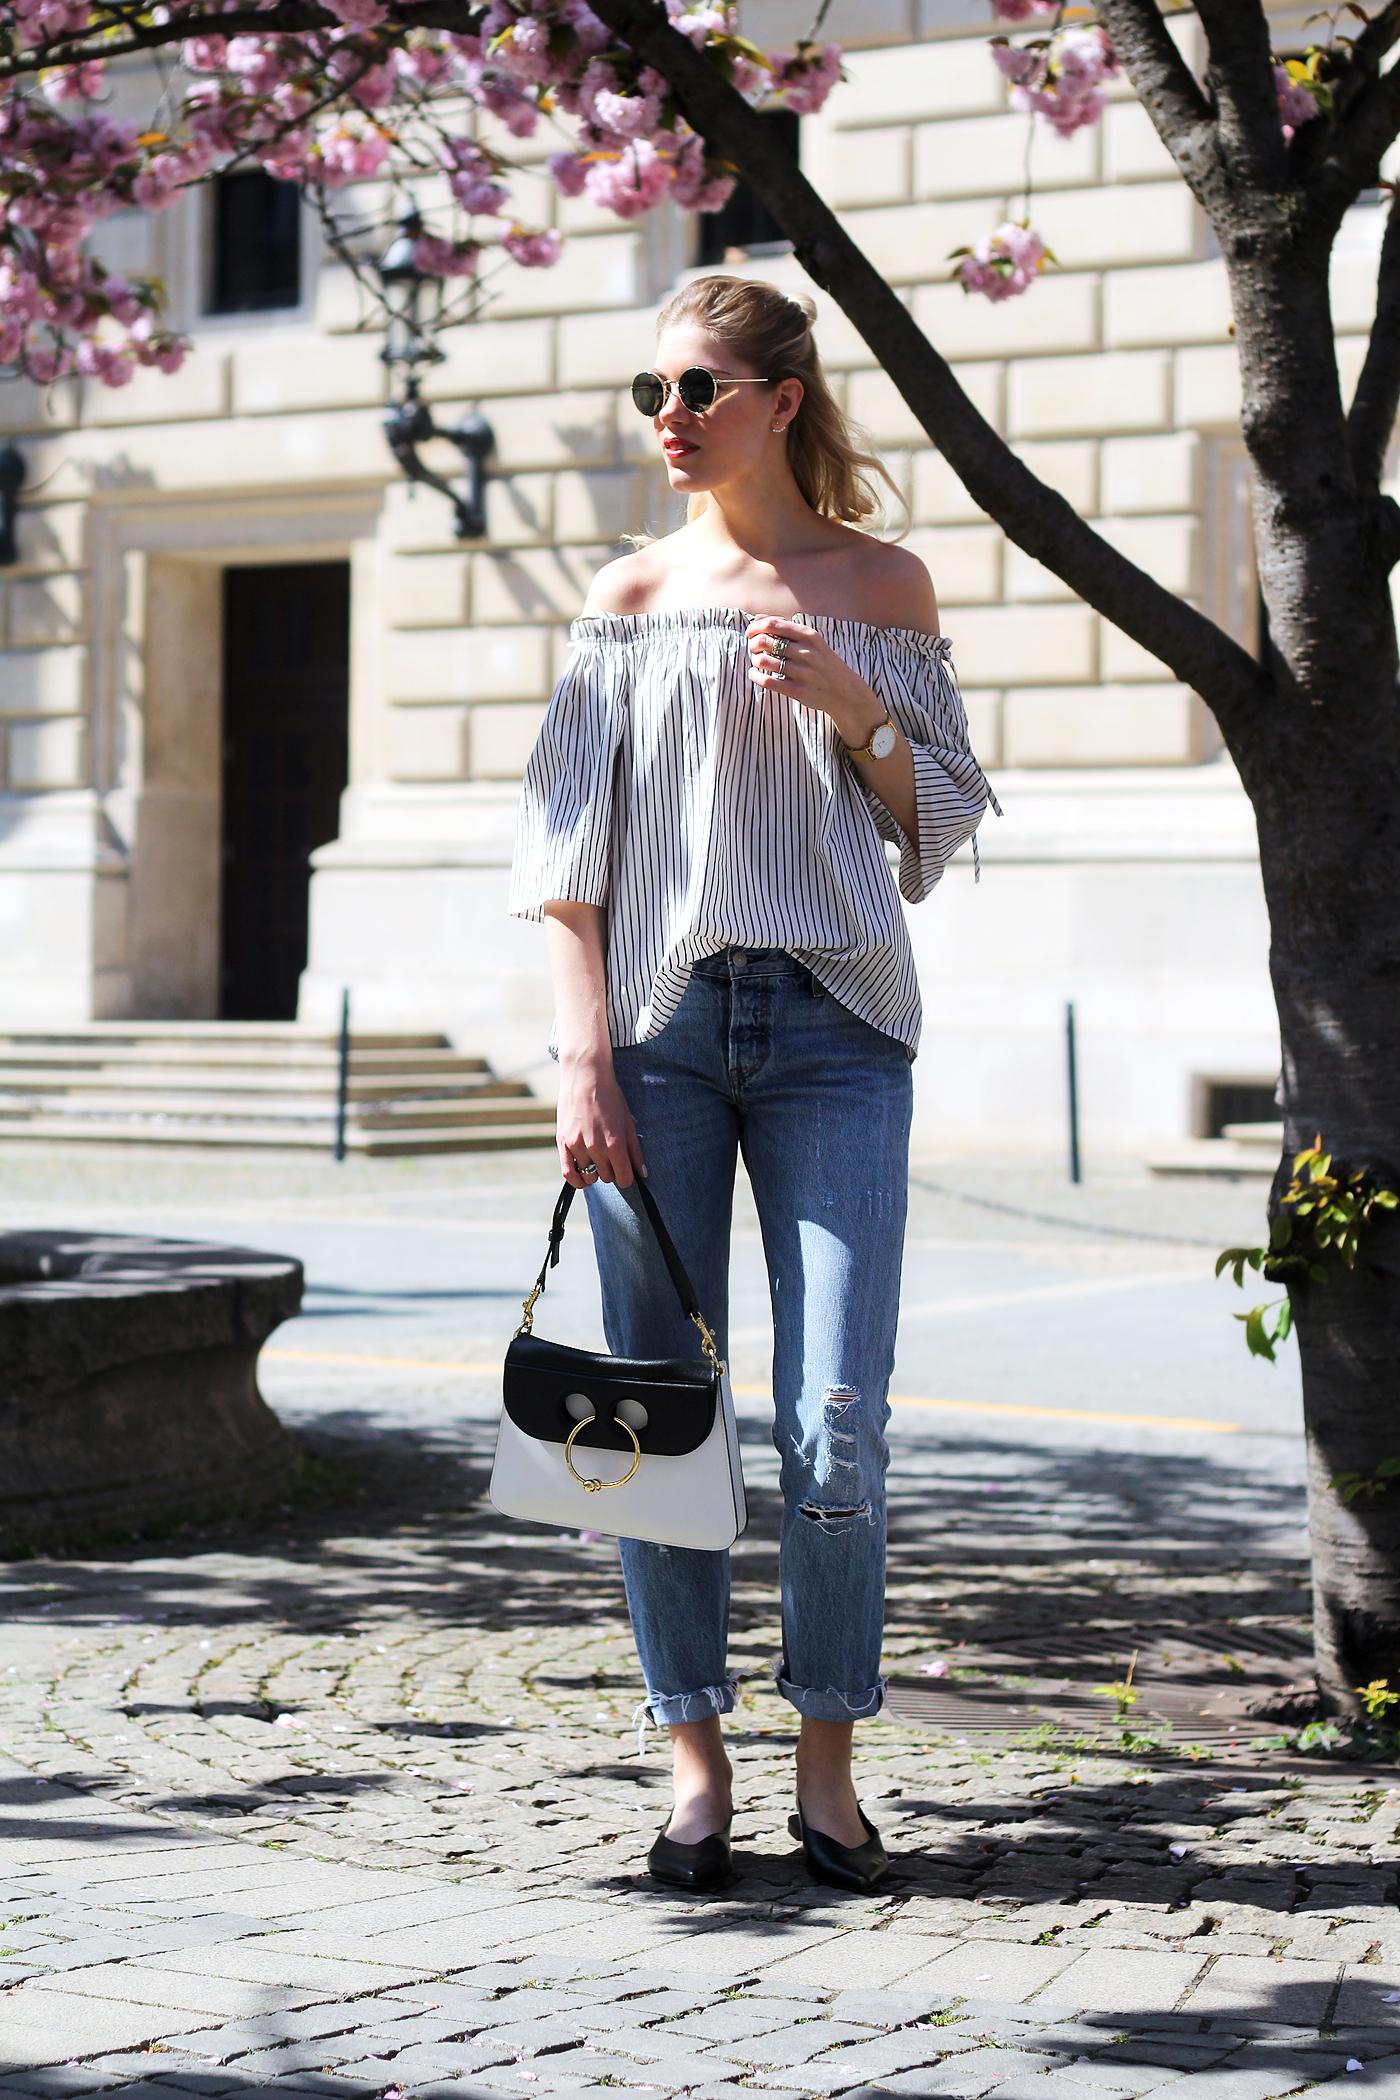 somehappyshoes_verenachrist_off-shoulder-blouse_levis-jeans_J.w.anderson_pierce_bag4